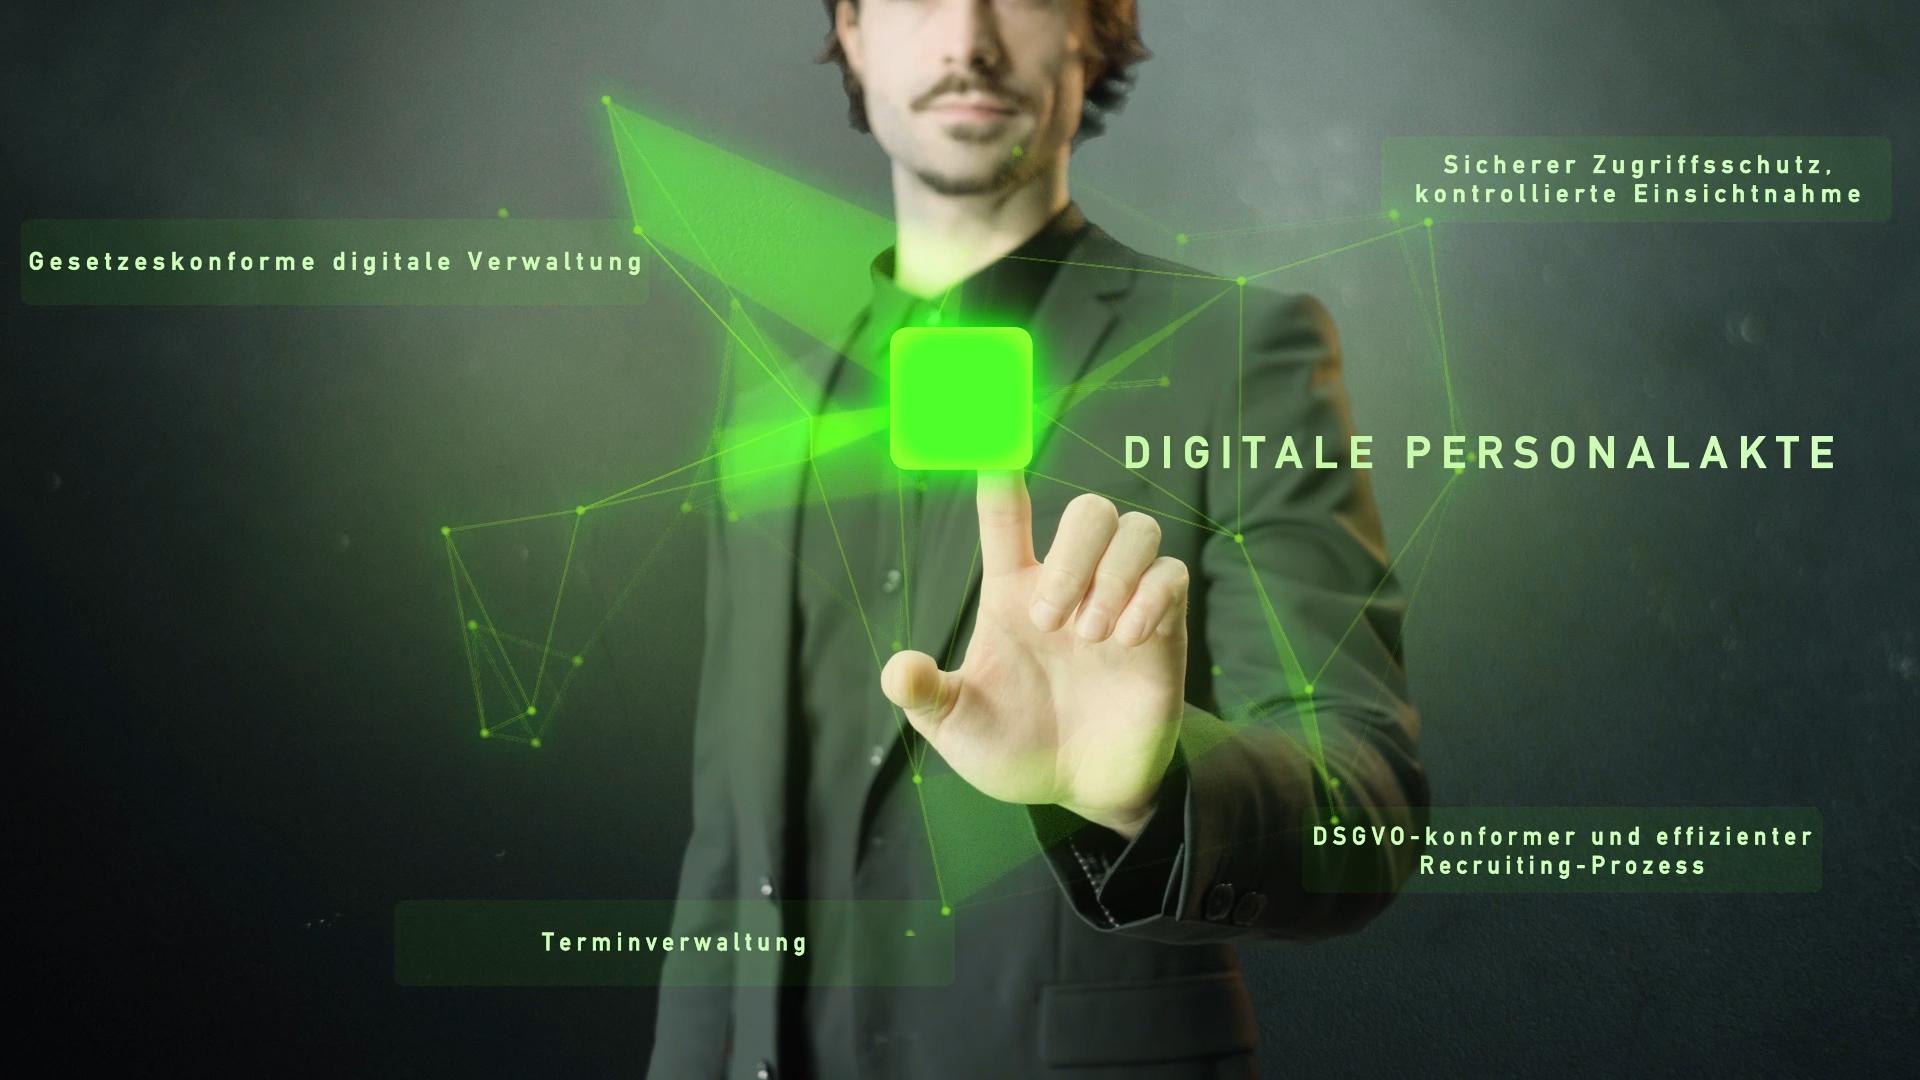 grünes Netzwerk mit Wort digitale Personalakte und Mann im Hintergrund